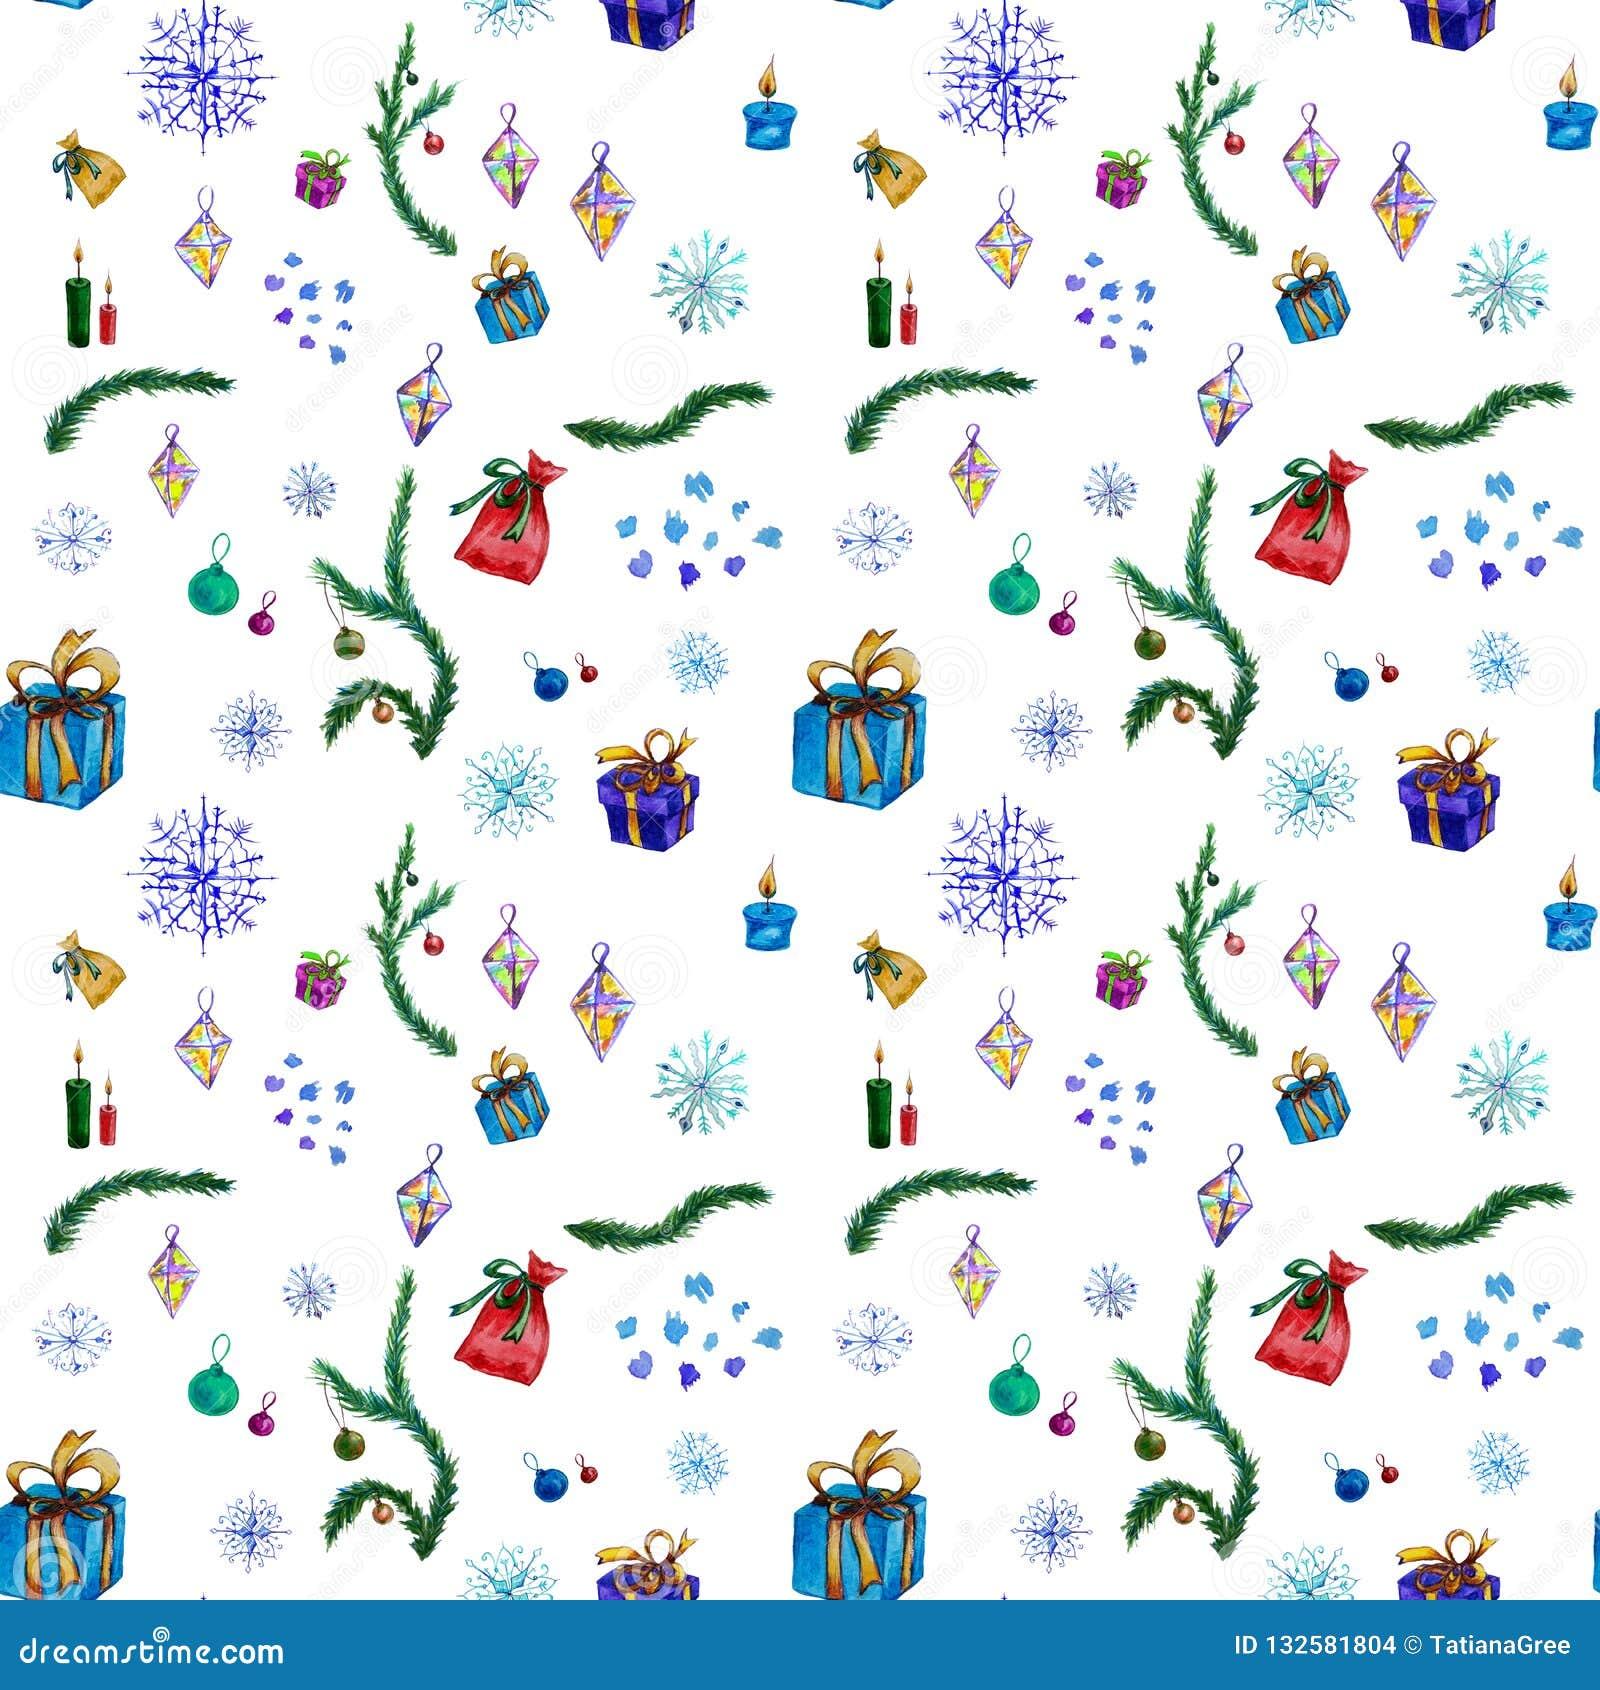 Άνευ ραφής σχέδιο watercolor για το ντεκόρ διακοπών με τα χριστουγεννιάτικα δέντρα